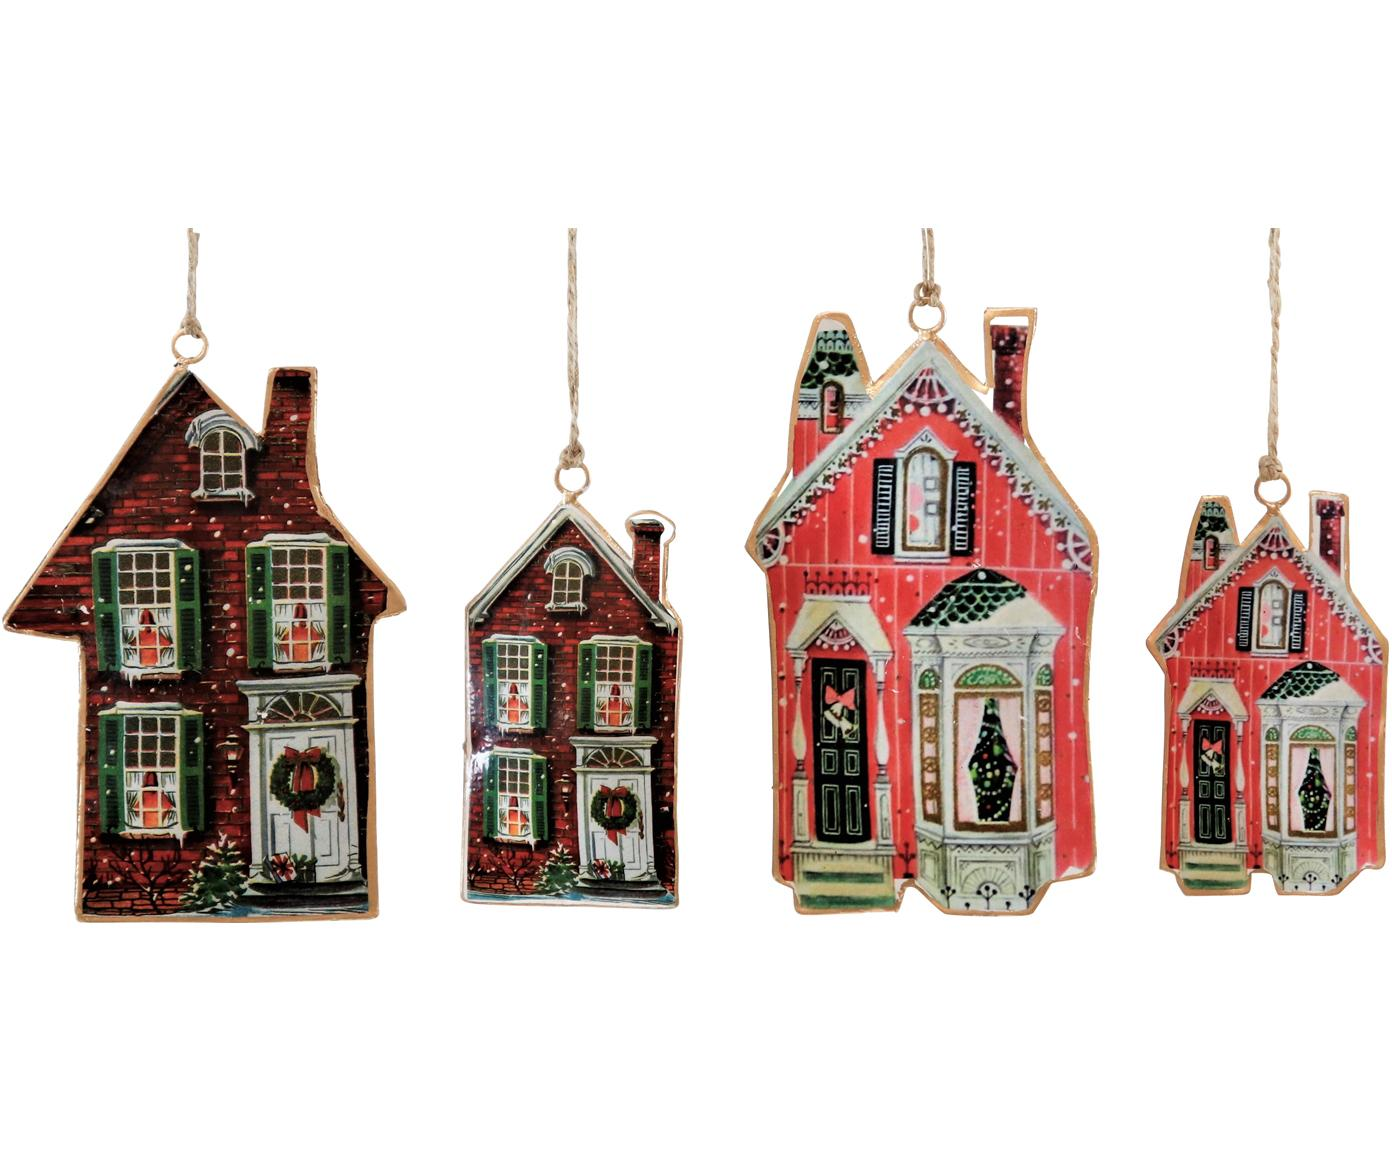 Baumanhänger-Set Houses, 4-tlg., Metall, Braun, Rot, Verschiedene Grössen